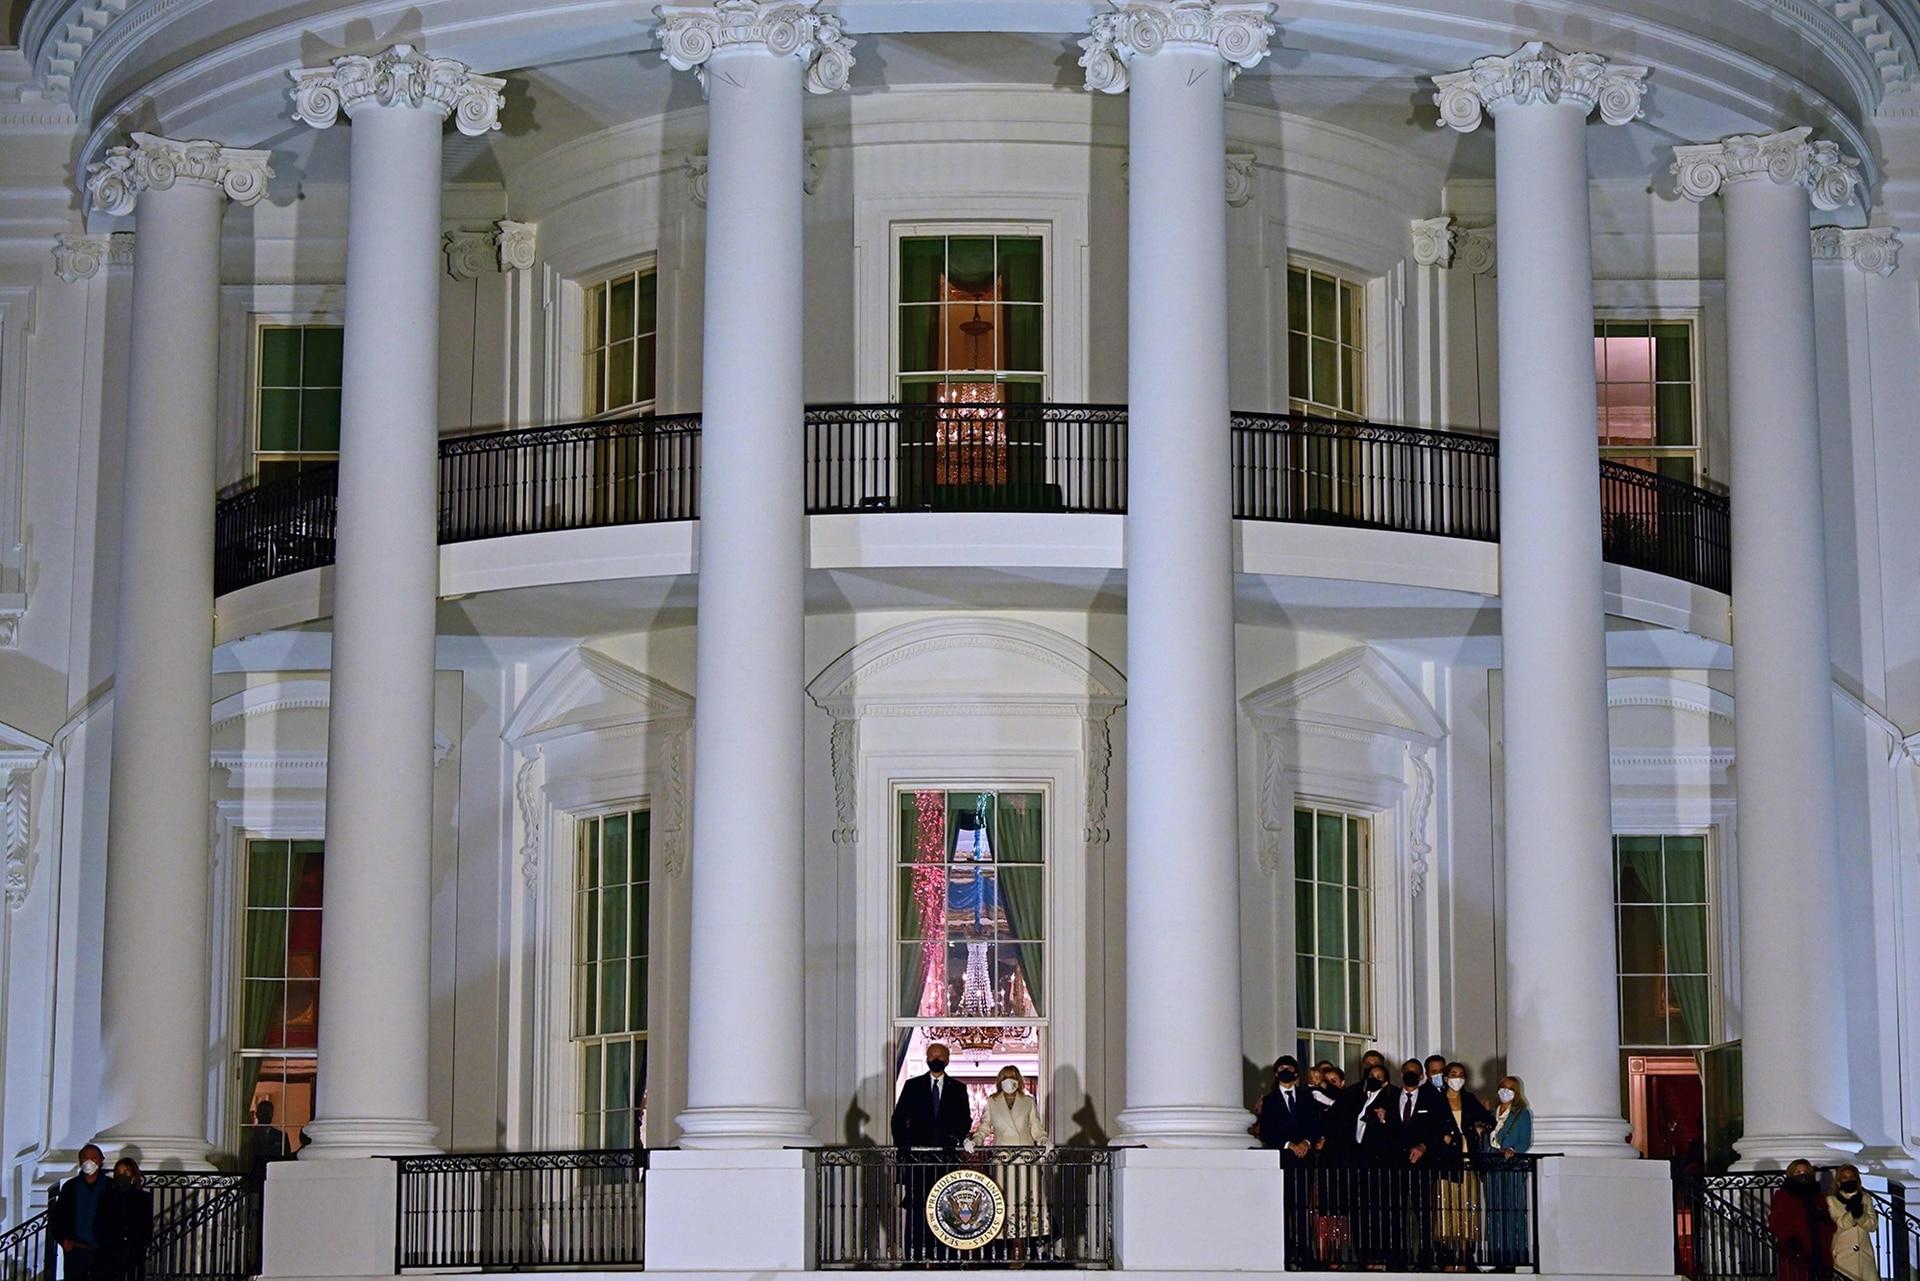 El presidente estadounidense Joe Biden (CL) y la primera dama Jill Biden (CR) aparecen en el balcón de la habitación azul mientras ellos y sus familiares (derecha) ven los fuegos artificiales desde la Casa Blanca en Washington